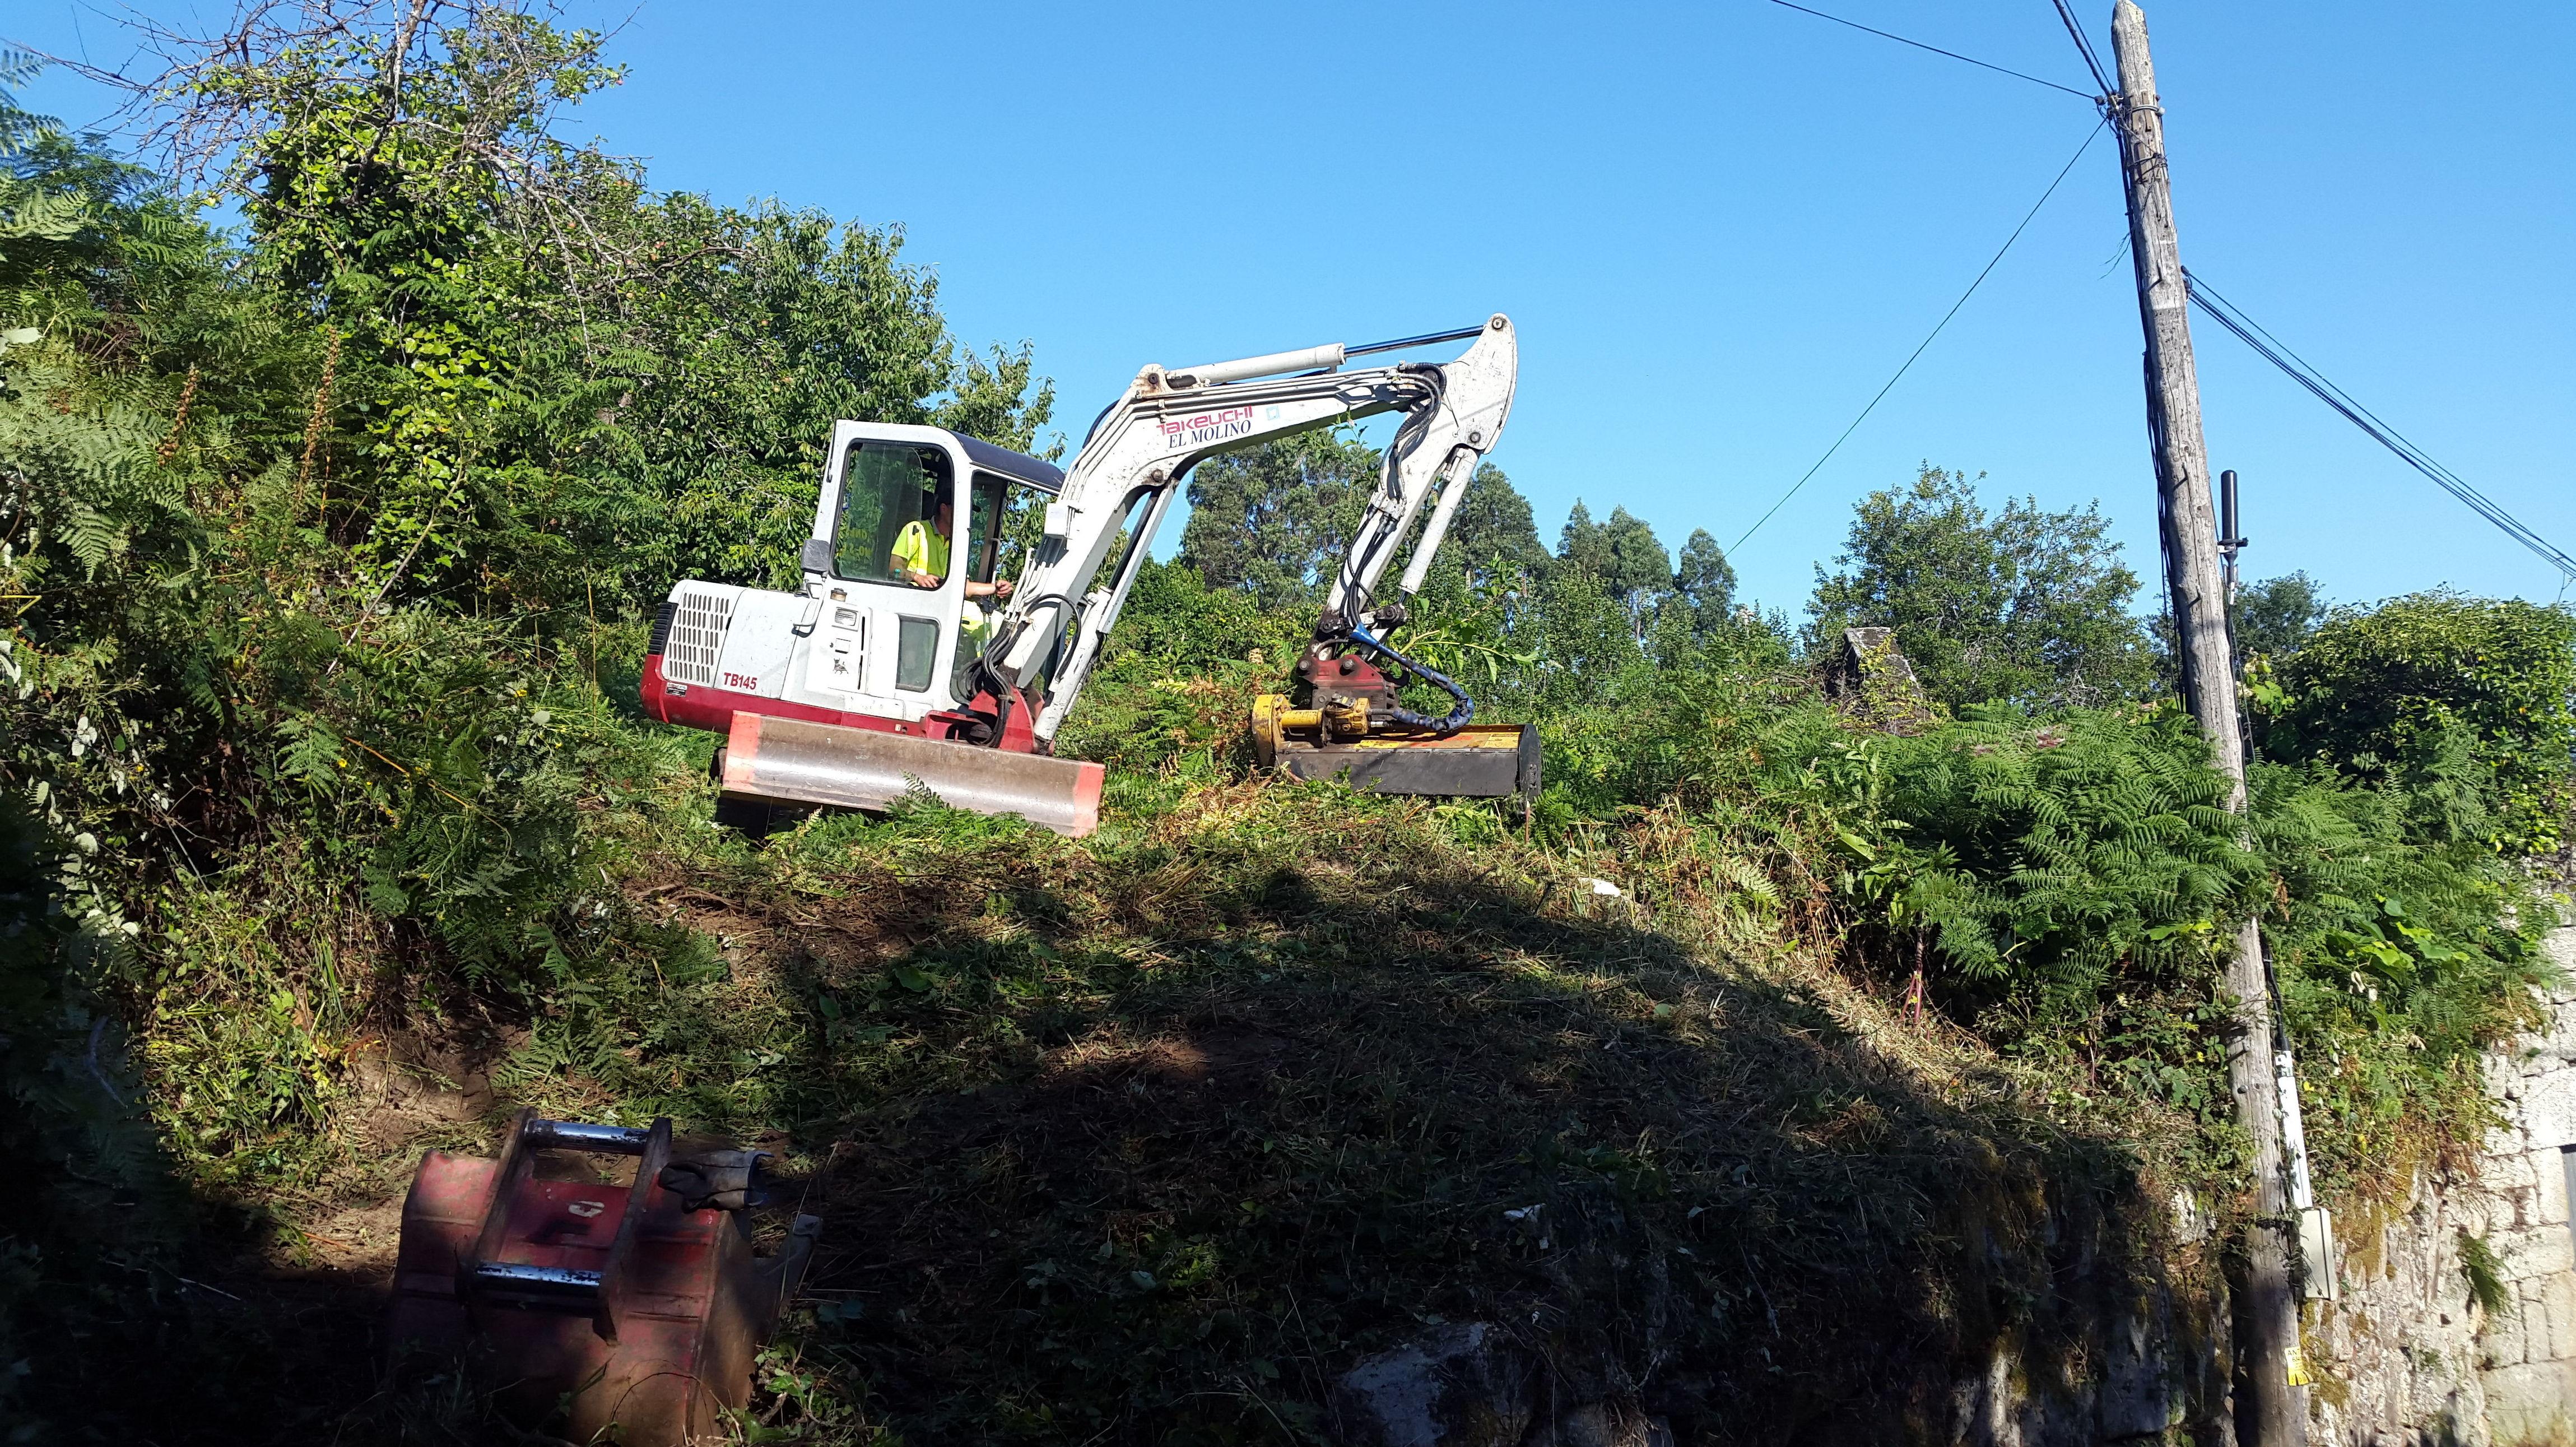 cabezal desbrozadora de martillos: nuestras maquinas de Excavaciones El Molino, S.L.